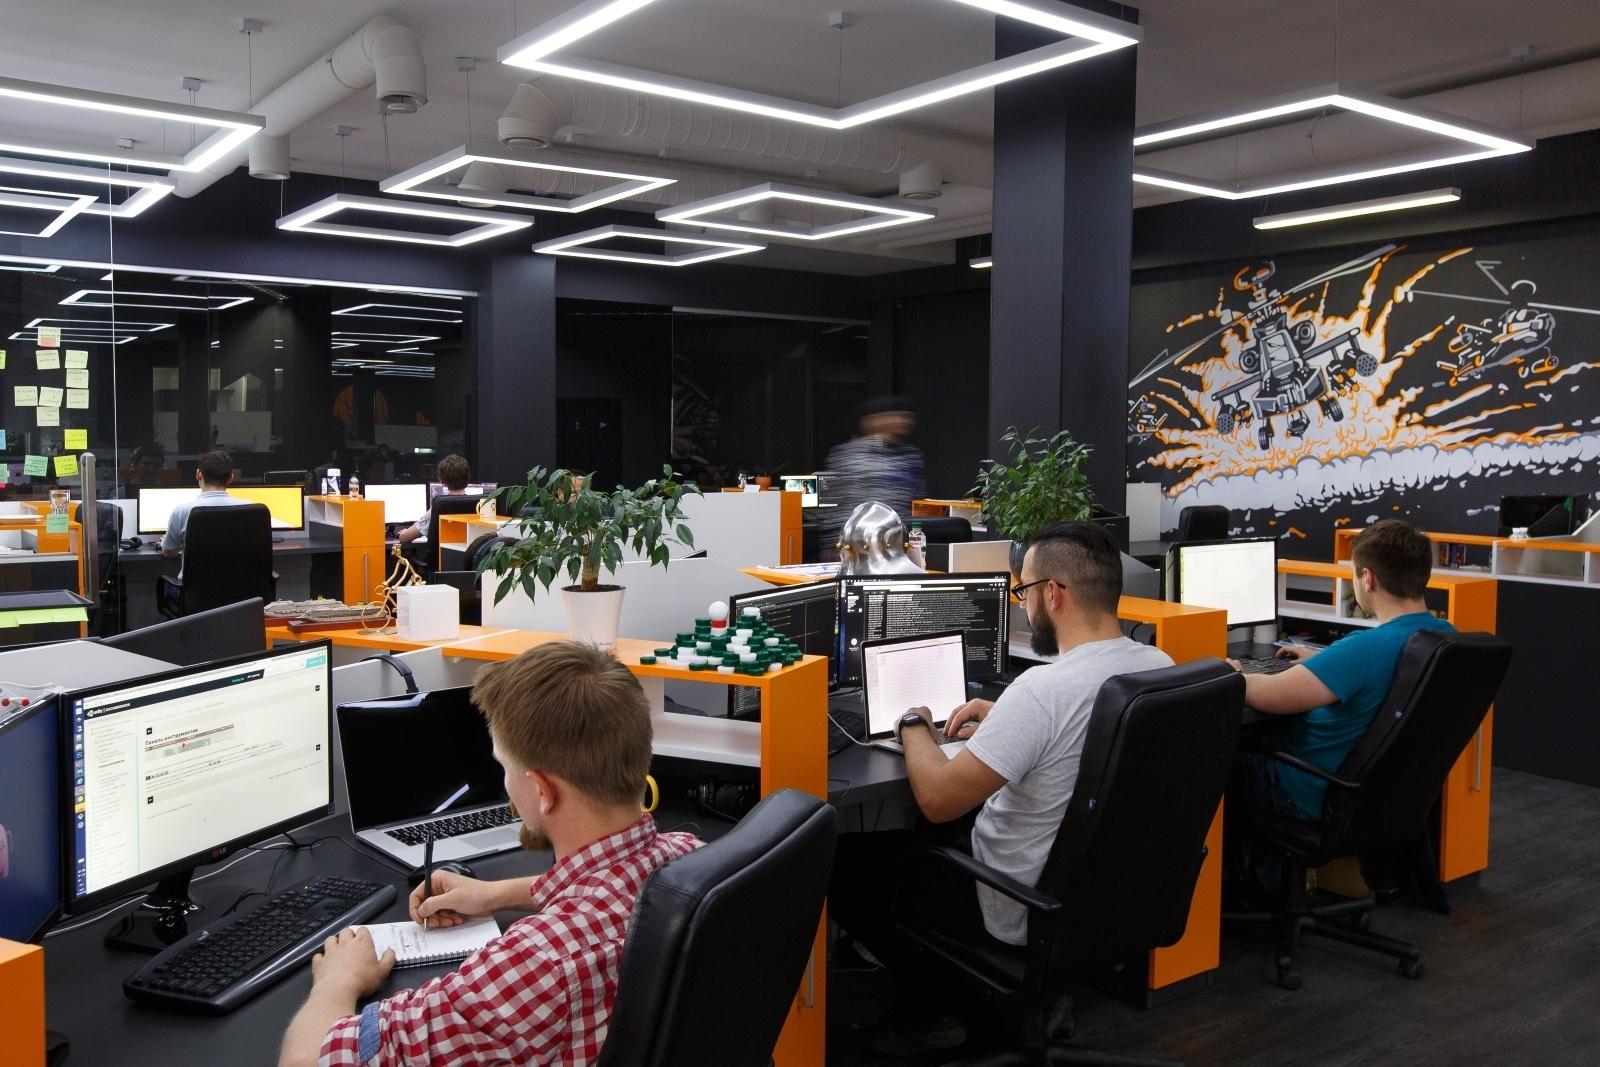 Офис Plarium Kharkiv: здесь мы разрабатываем игры - 31